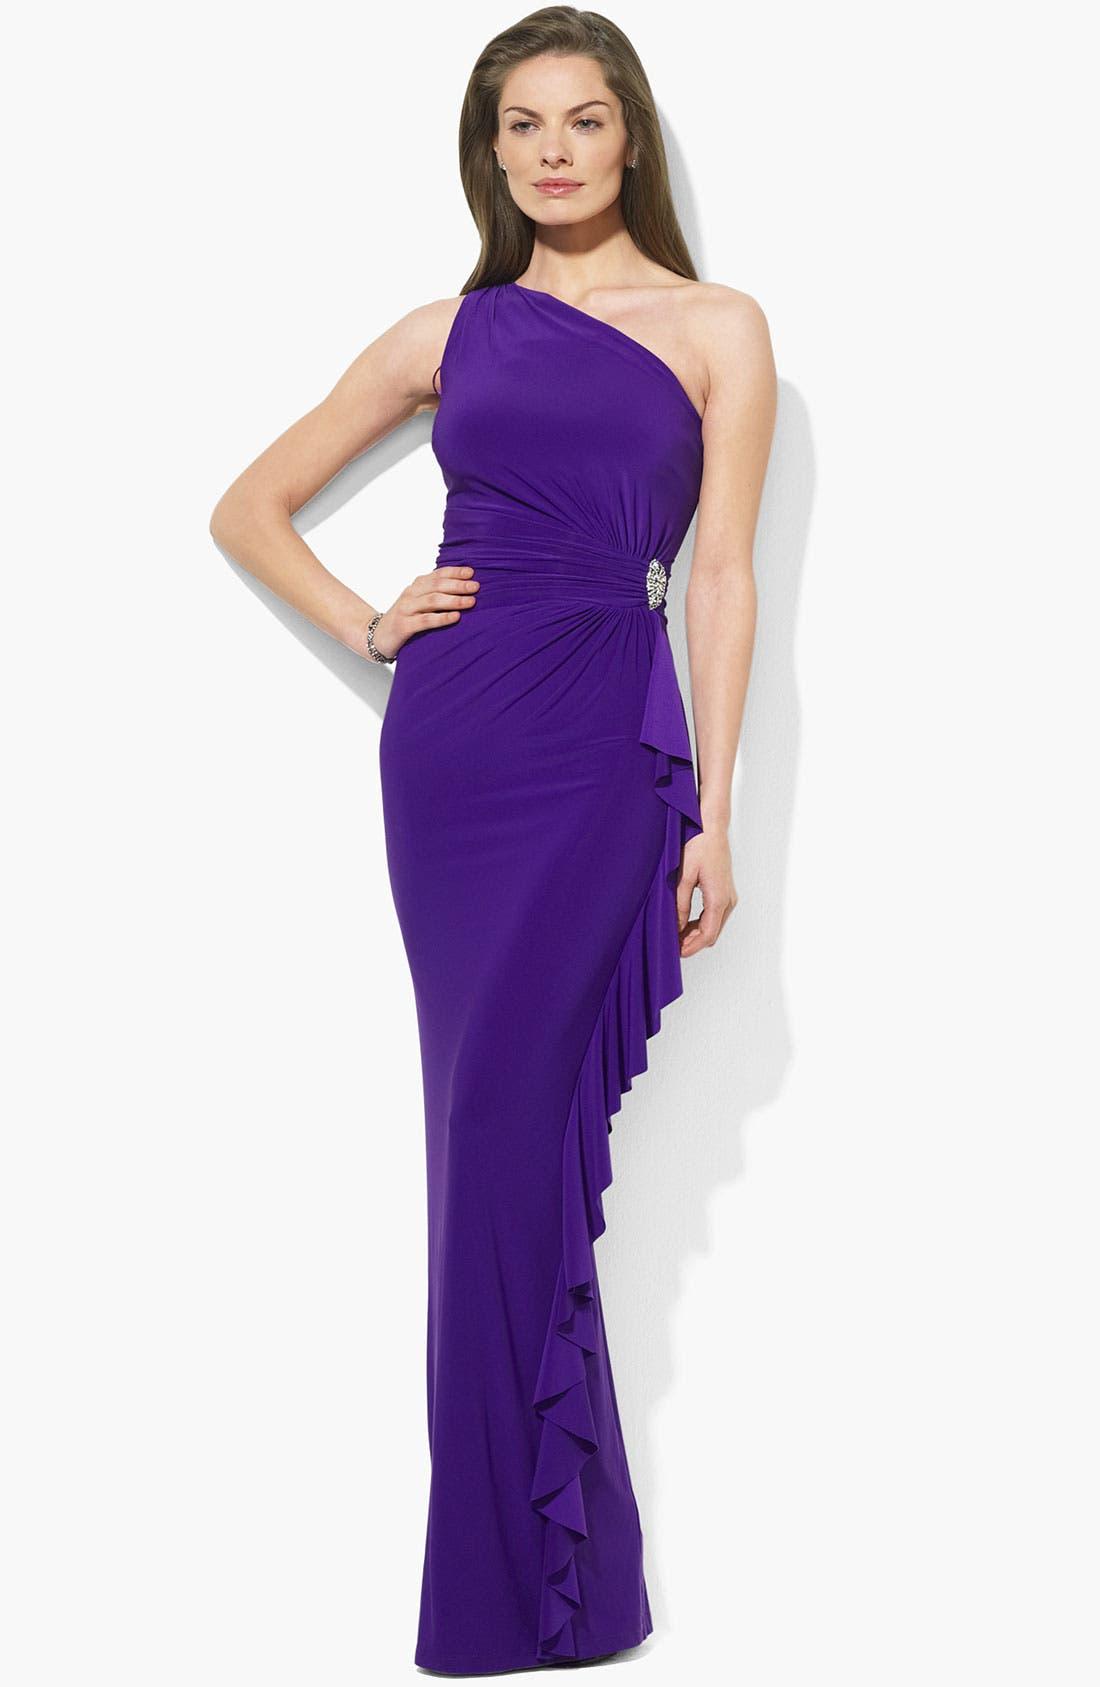 Alternate Image 1 Selected - Lauren Ralph Lauren Ruffle One Shoulder Jersey Gown